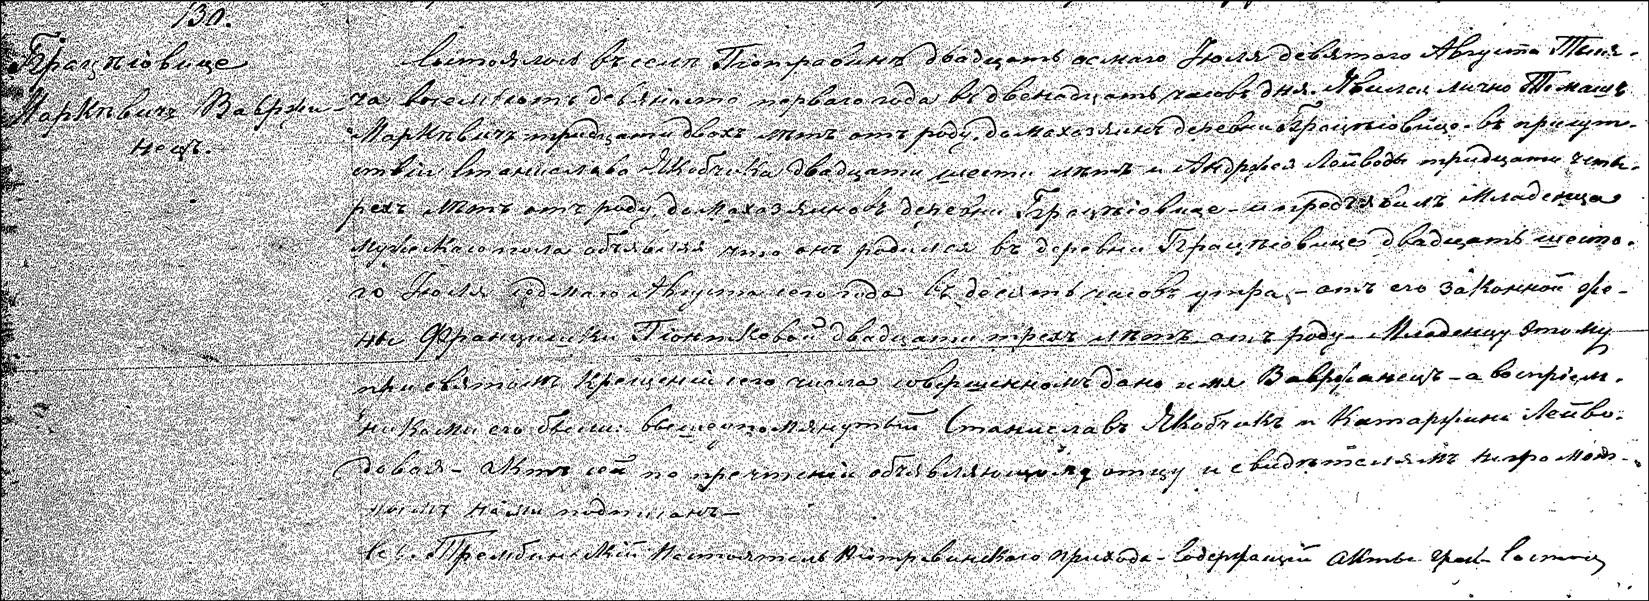 The baptismal record for Wawrzyniec Markiewicz